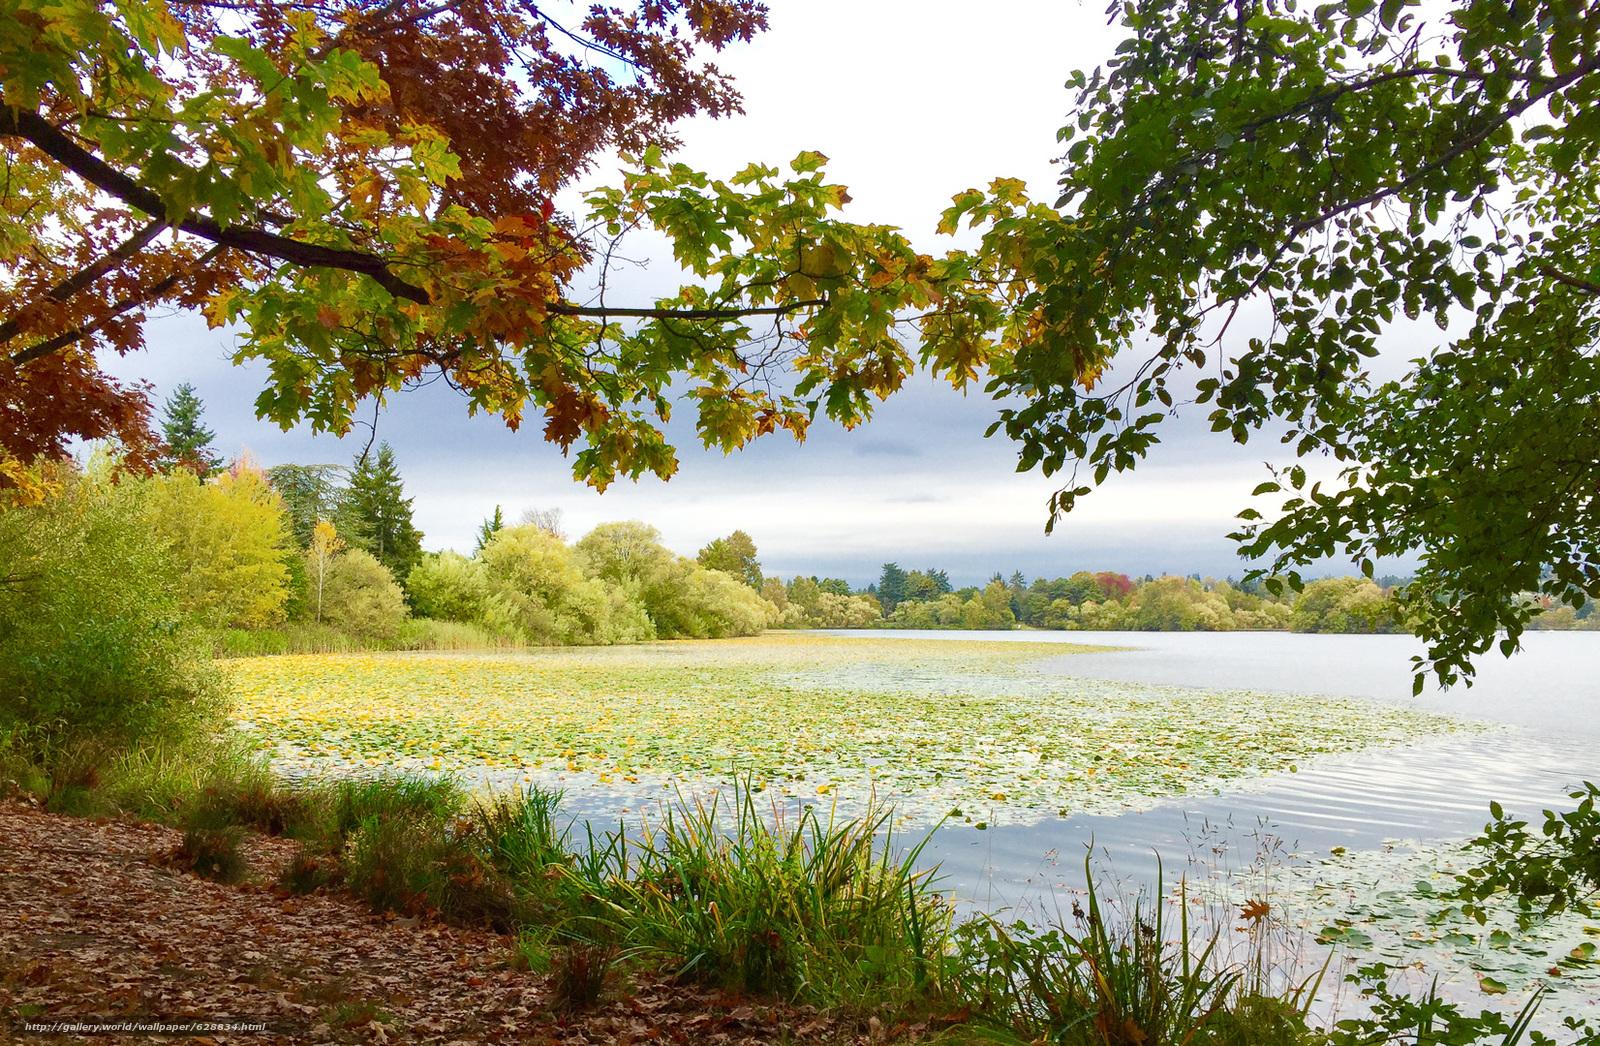 осень, озеро, деревья, пейзаж